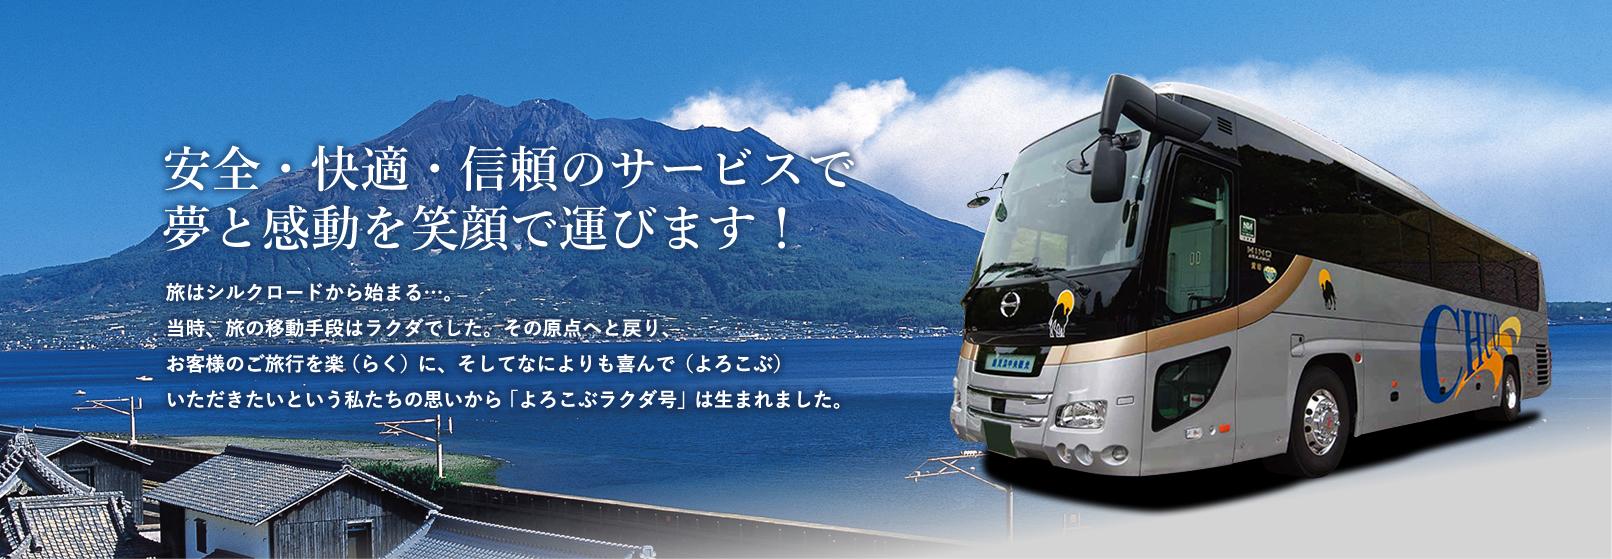 感動の旅を安全快適に―鹿児島中央観光バス